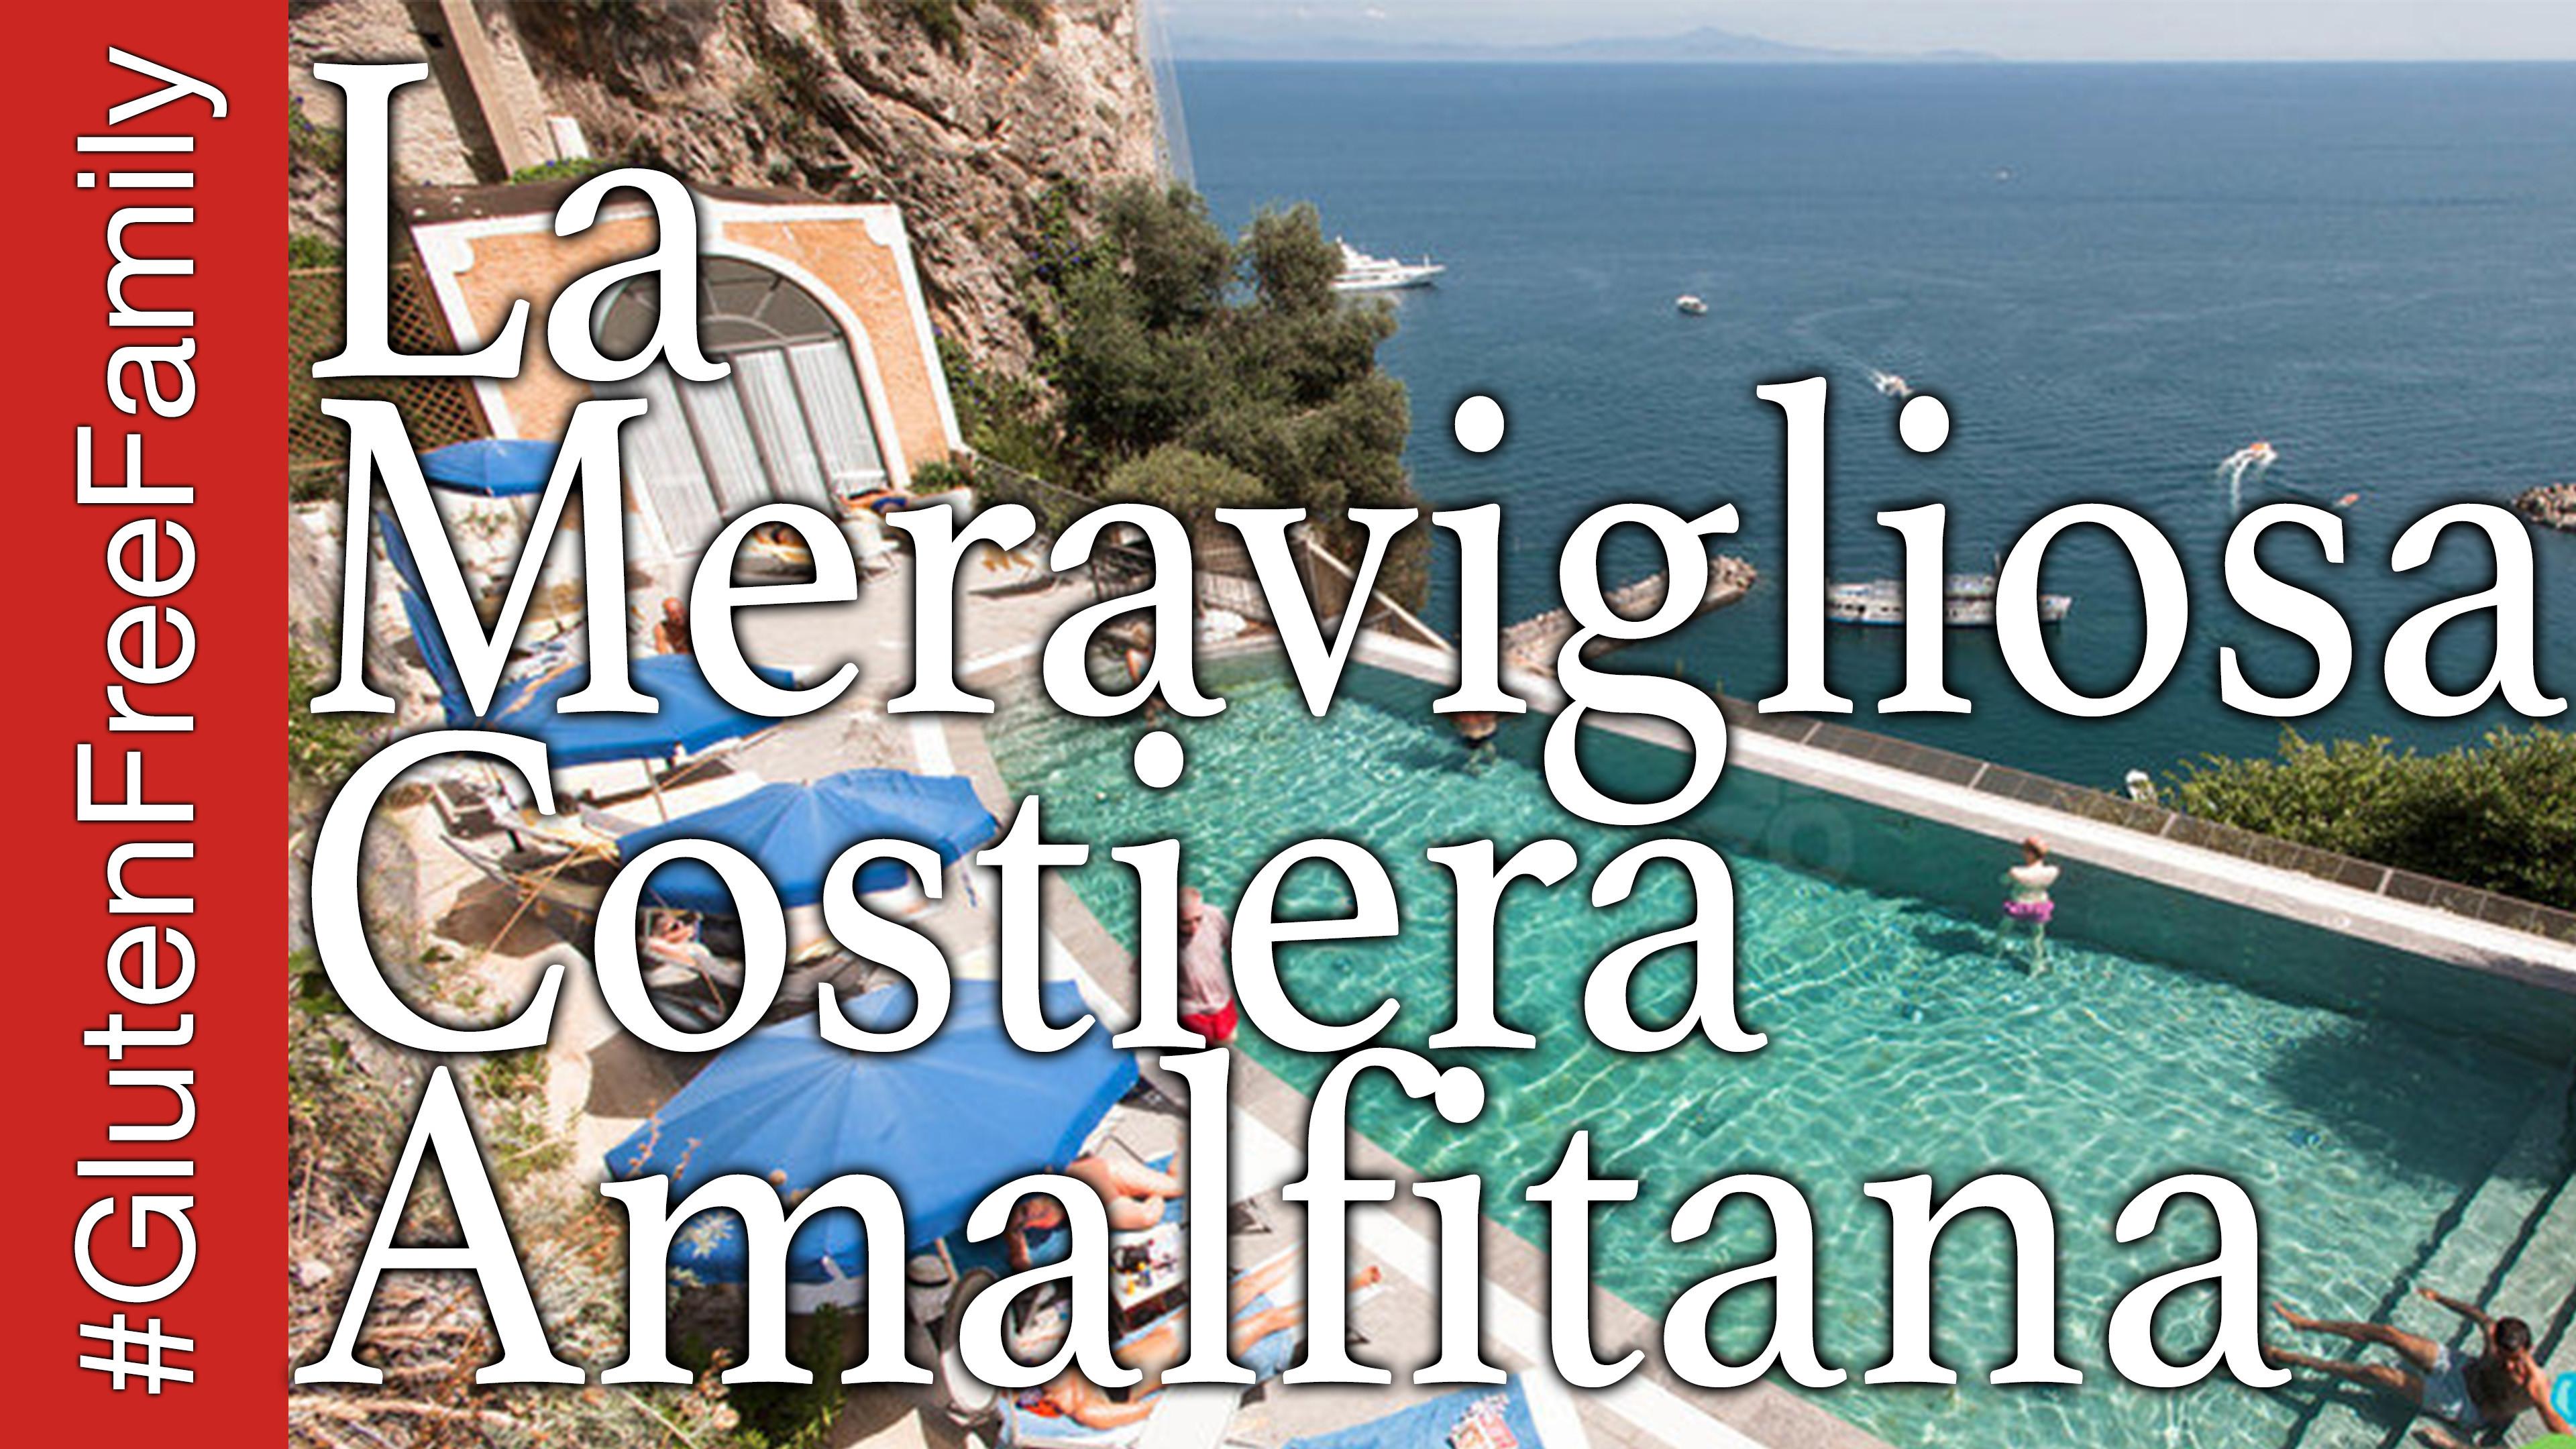 UN VIAGGIO DA SOGNO! Le Meraviglie della Costiera Amalfitana #GlutenFreeFamily n. 2